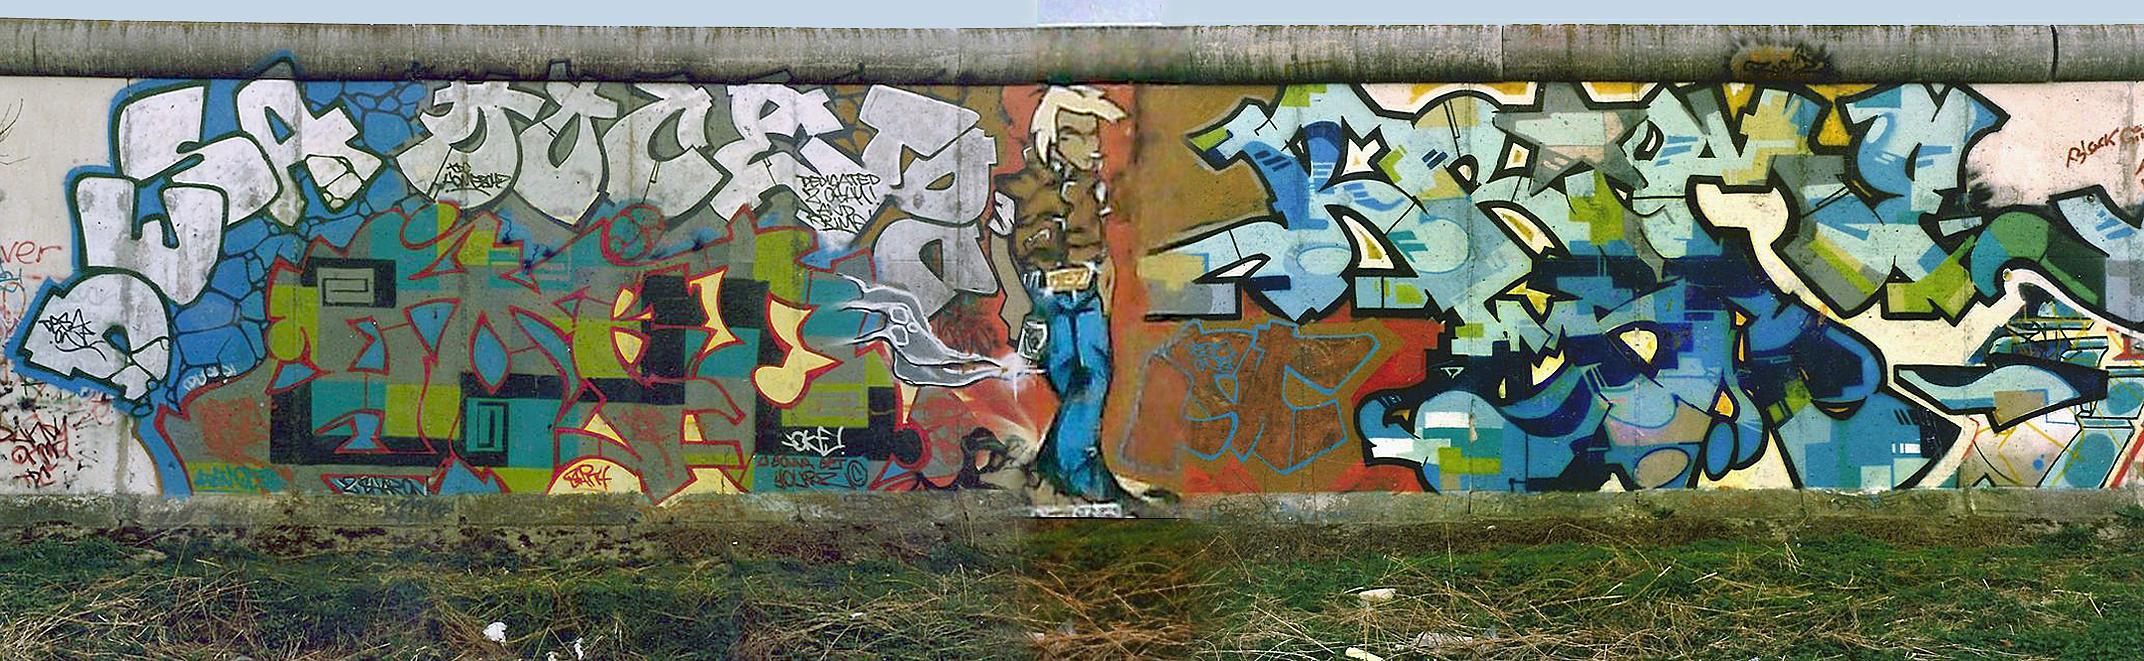 Grafiti wall berlin - Filename Berlin Wall Denots Crew Graffiti 1988 Jpg